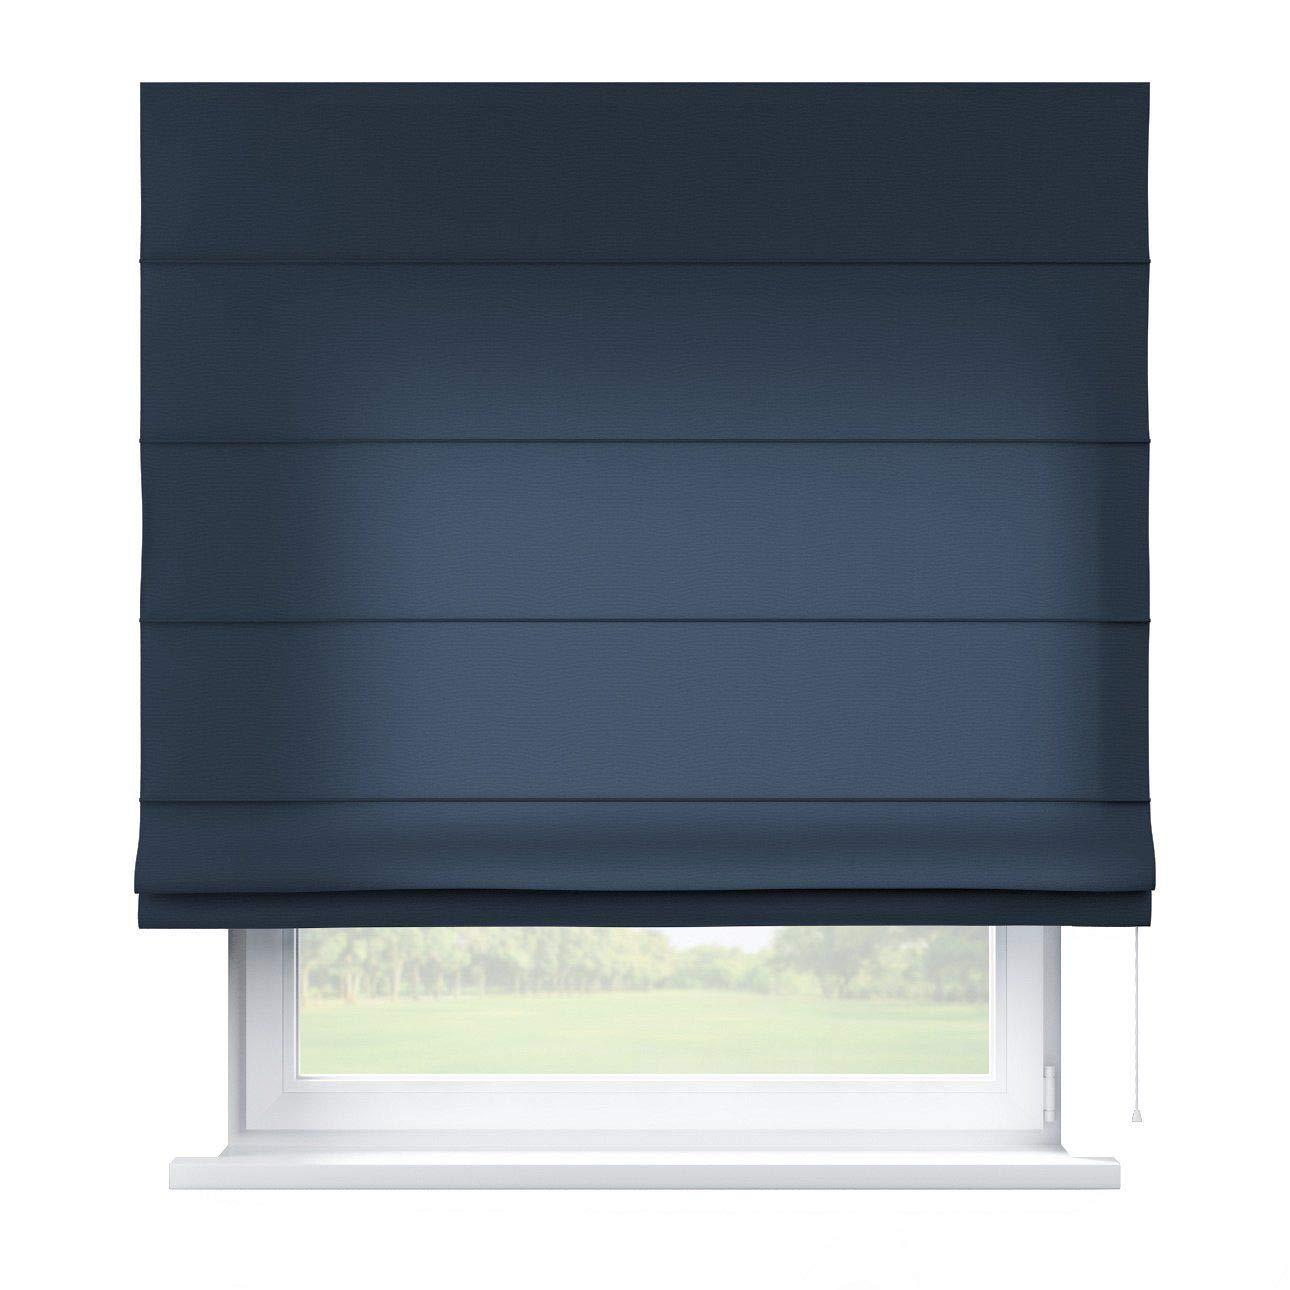 Dekoria Raffrollo Capri ohne Bohren Blickdicht Faltvorhang Raffgardine Wohnzimmer Schlafzimmer Kinderzimmer 130 × 170 cm marinenblau Raffrollos auf Maß maßanfertigung möglich